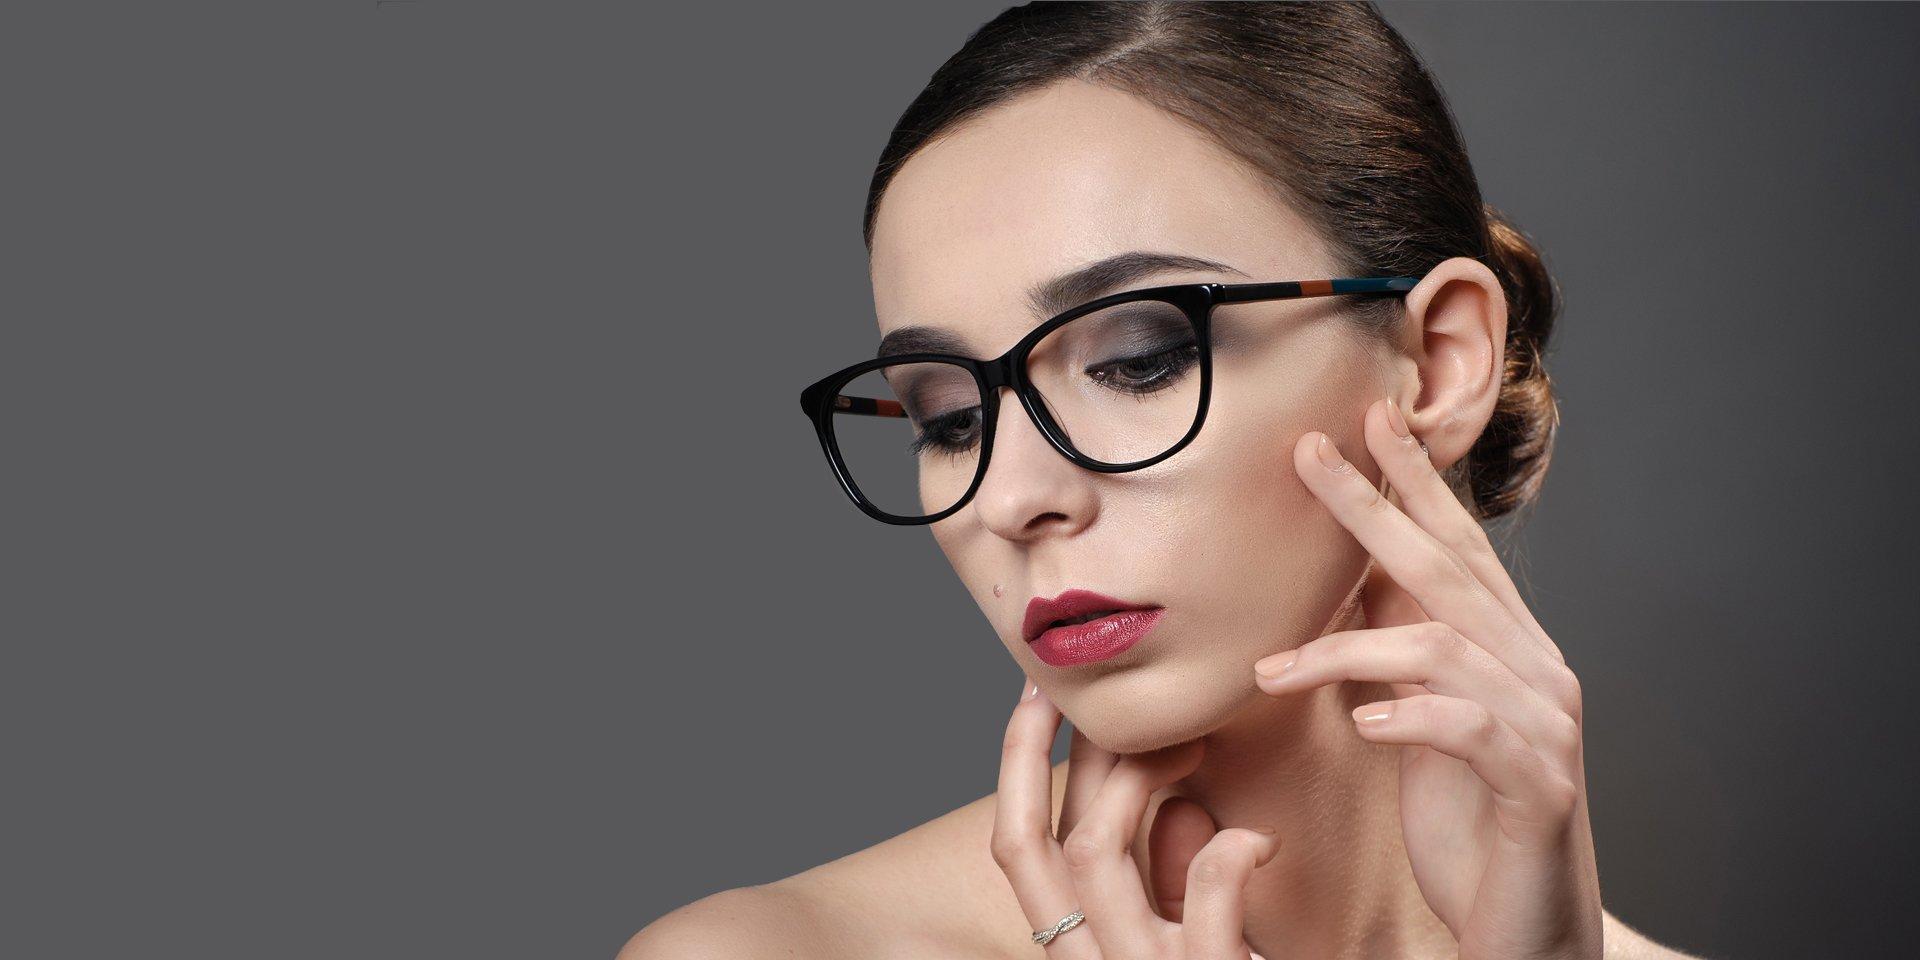 Okulary Świat okularów - Optyk